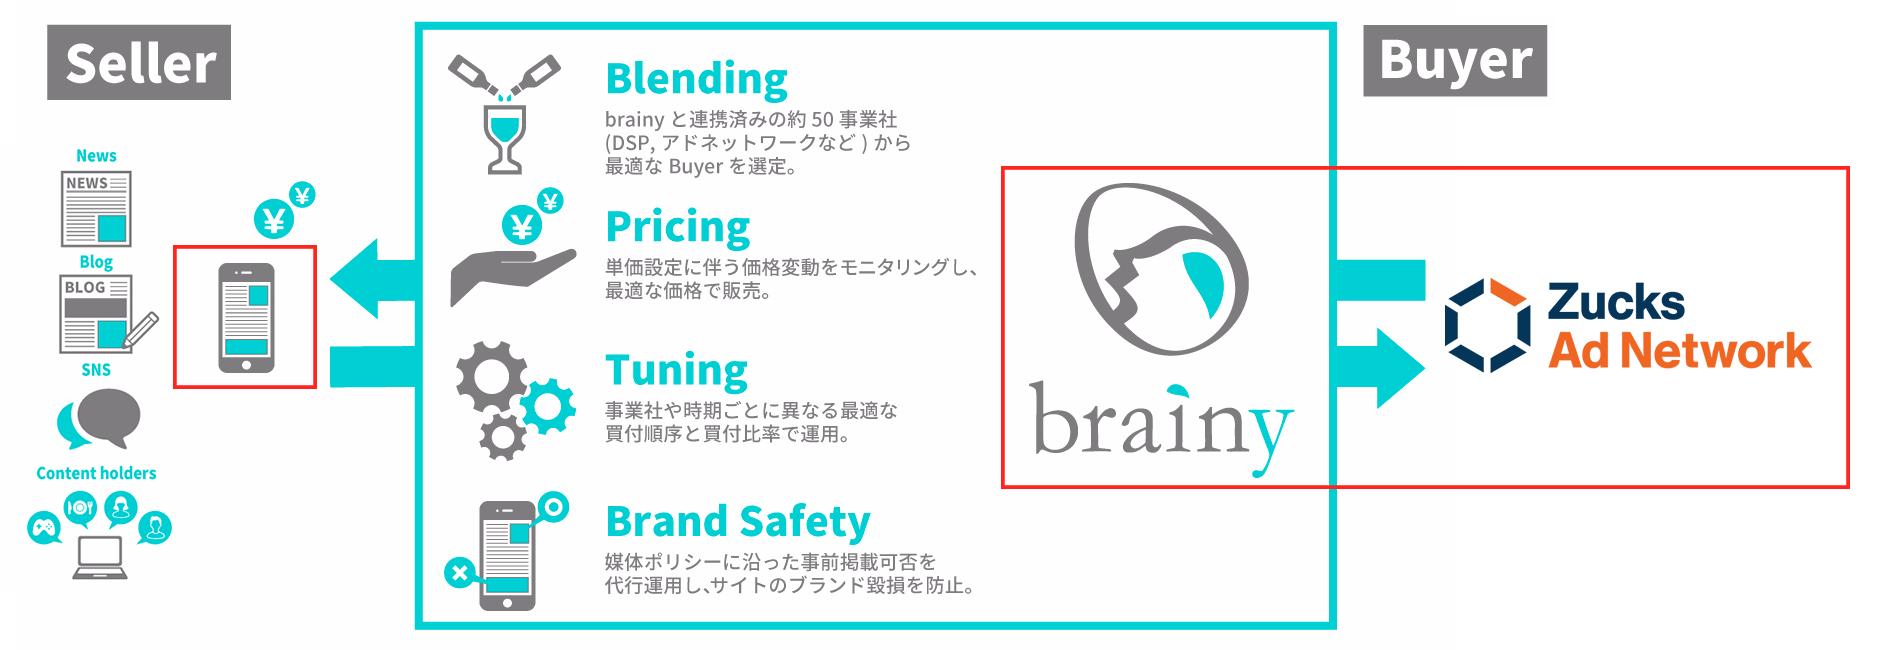 パブリッシャートレーディングデスク「brainy」と「Zucks Ad Network」